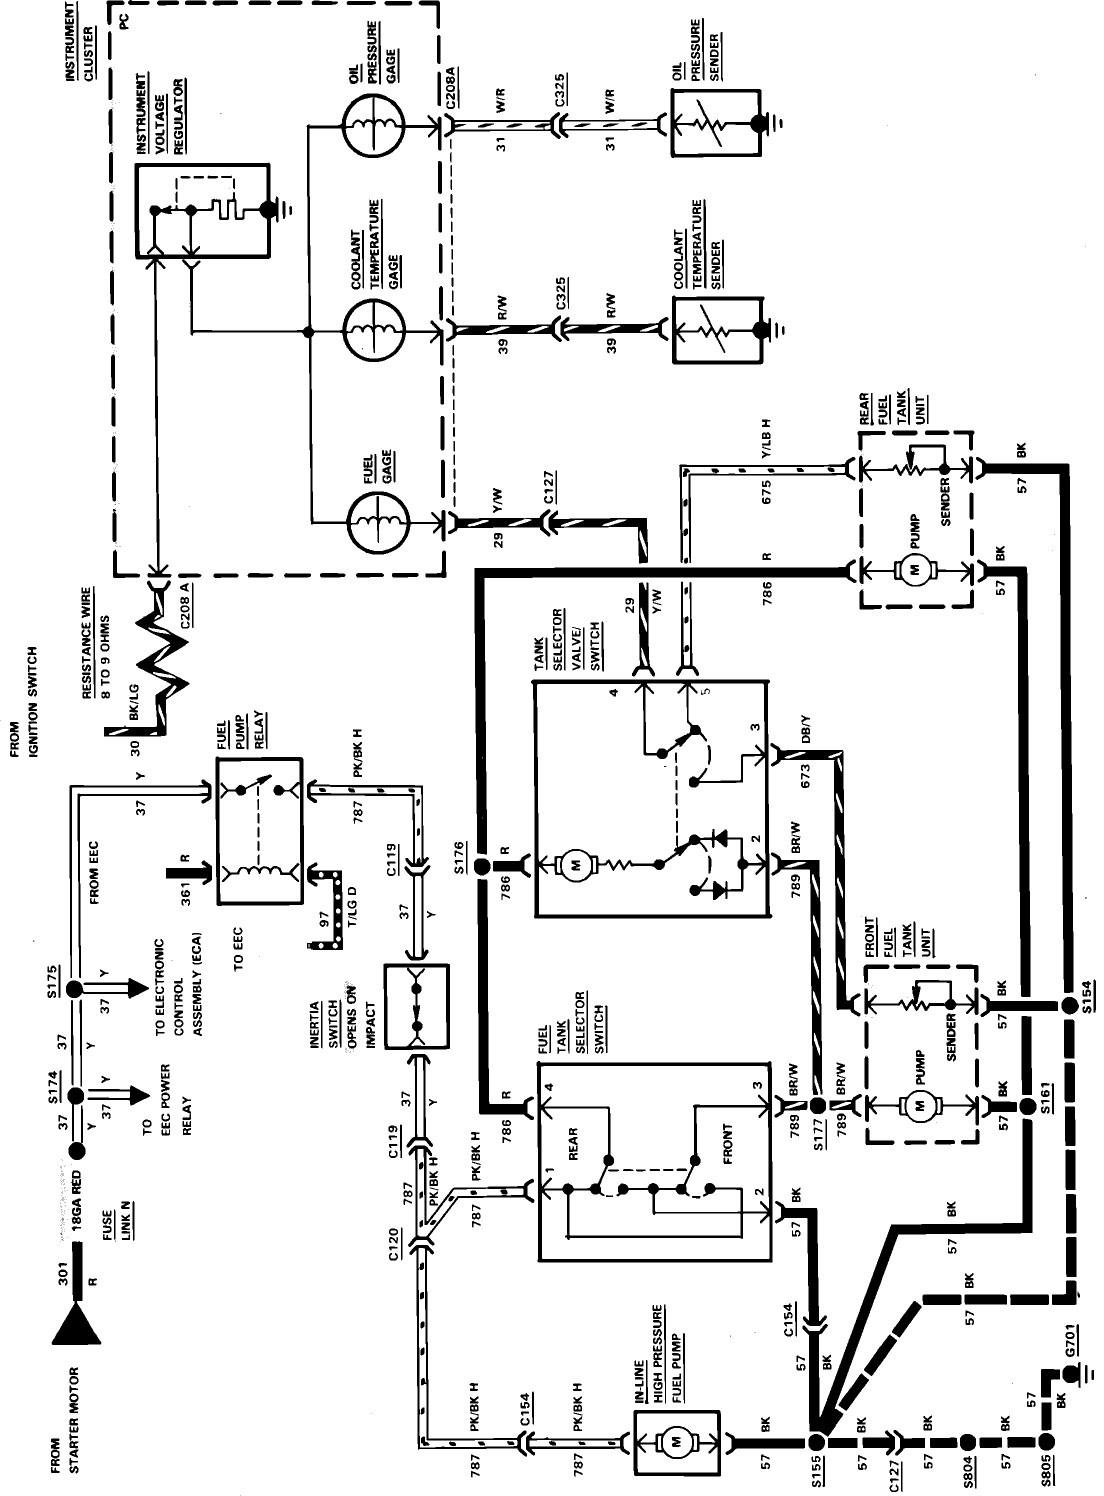 moeller fuel tank wiring diagram